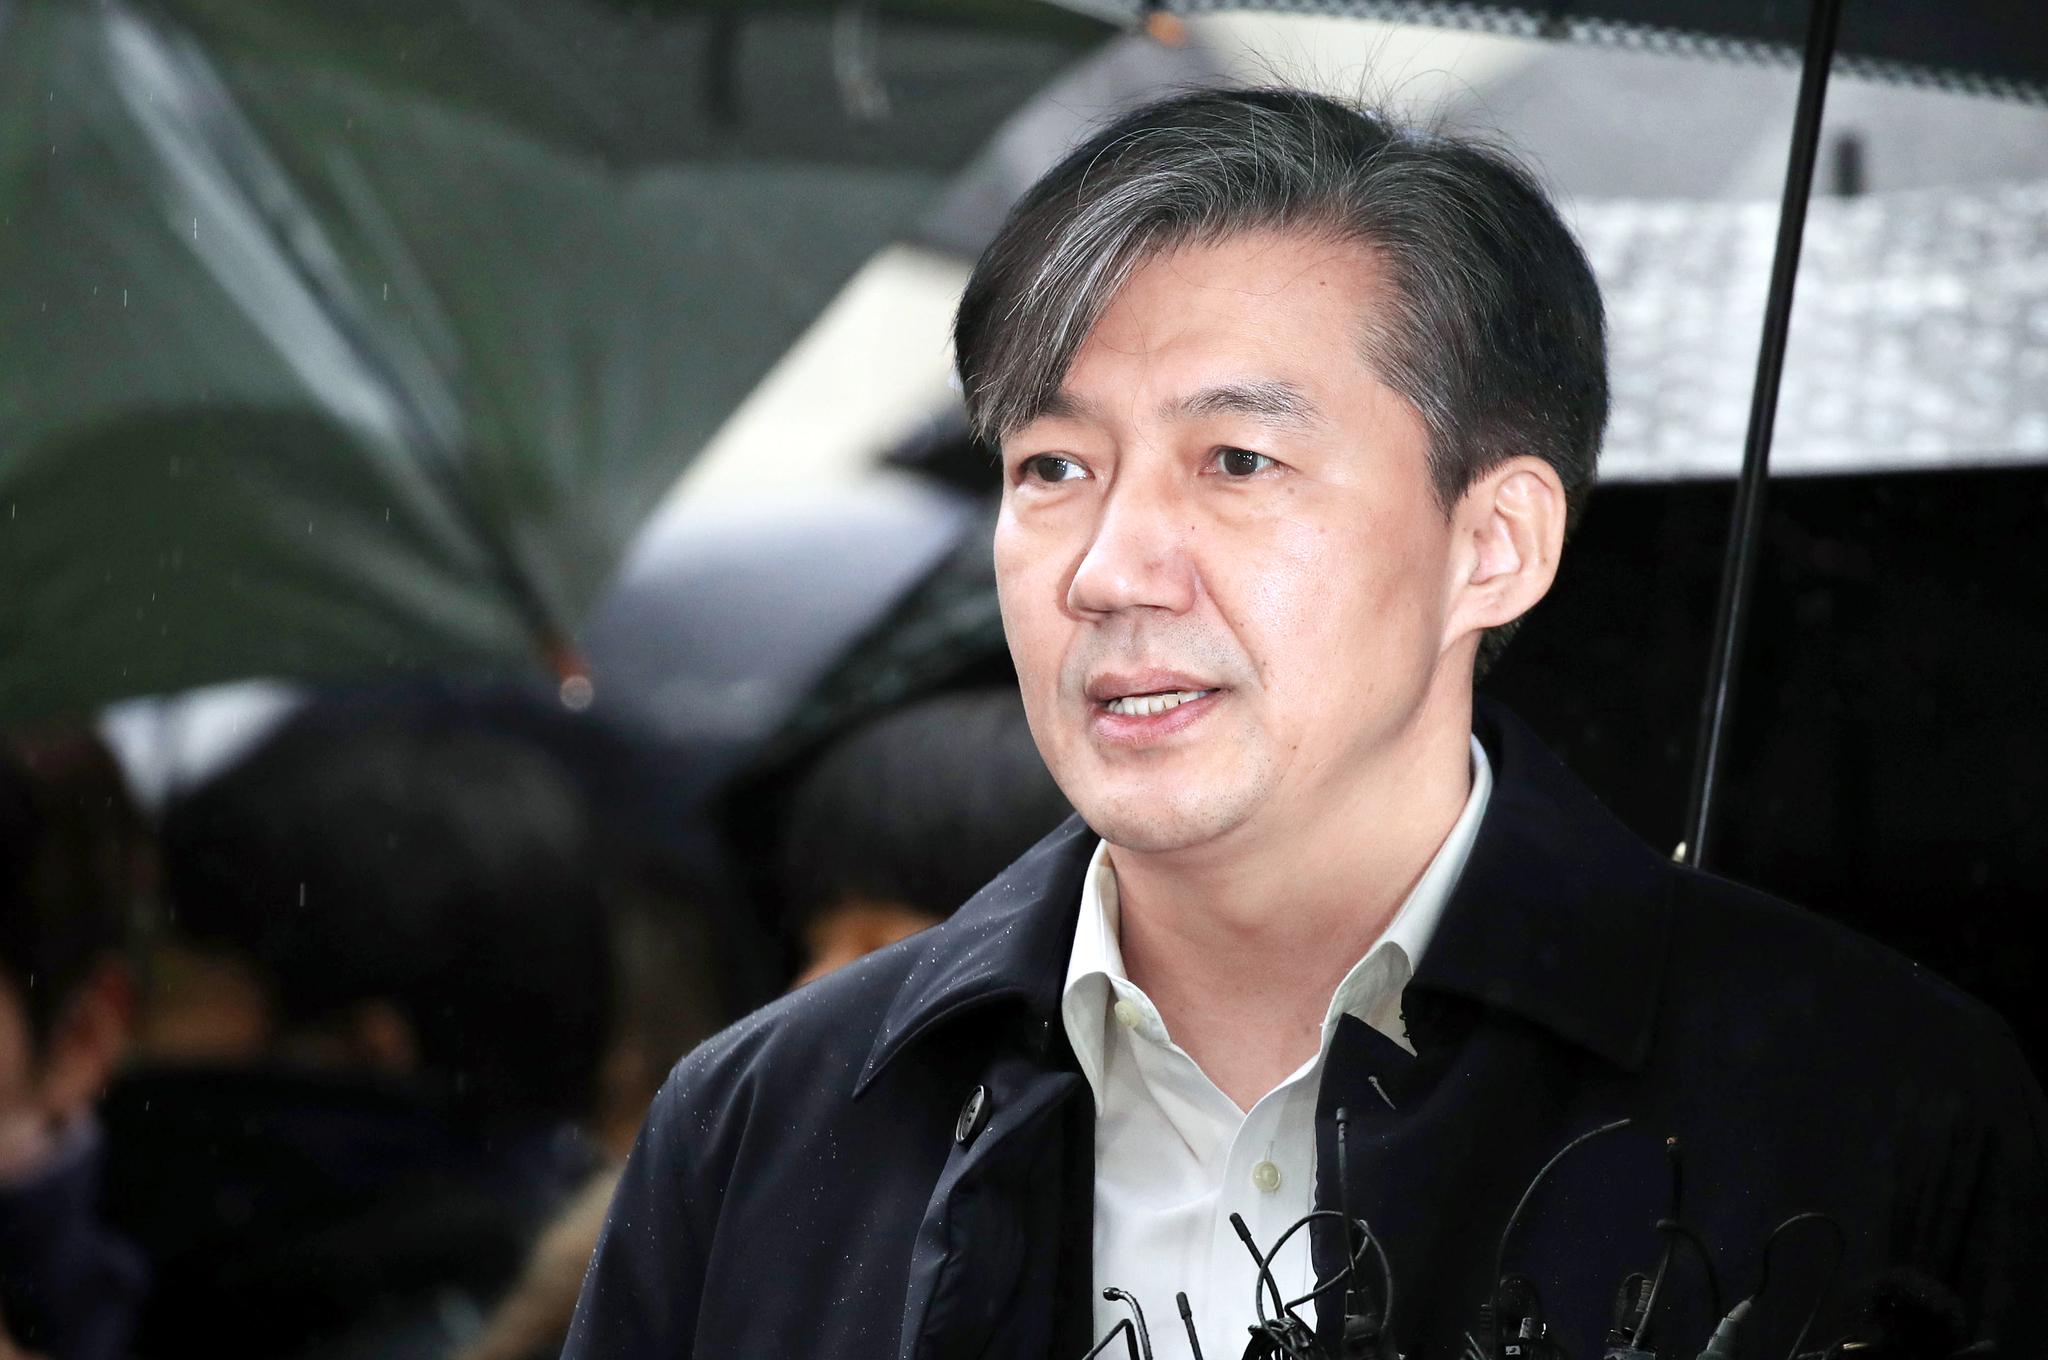 '조국 인권침해' 진정, 박근혜 변호한 이상철 위원이 맡는다